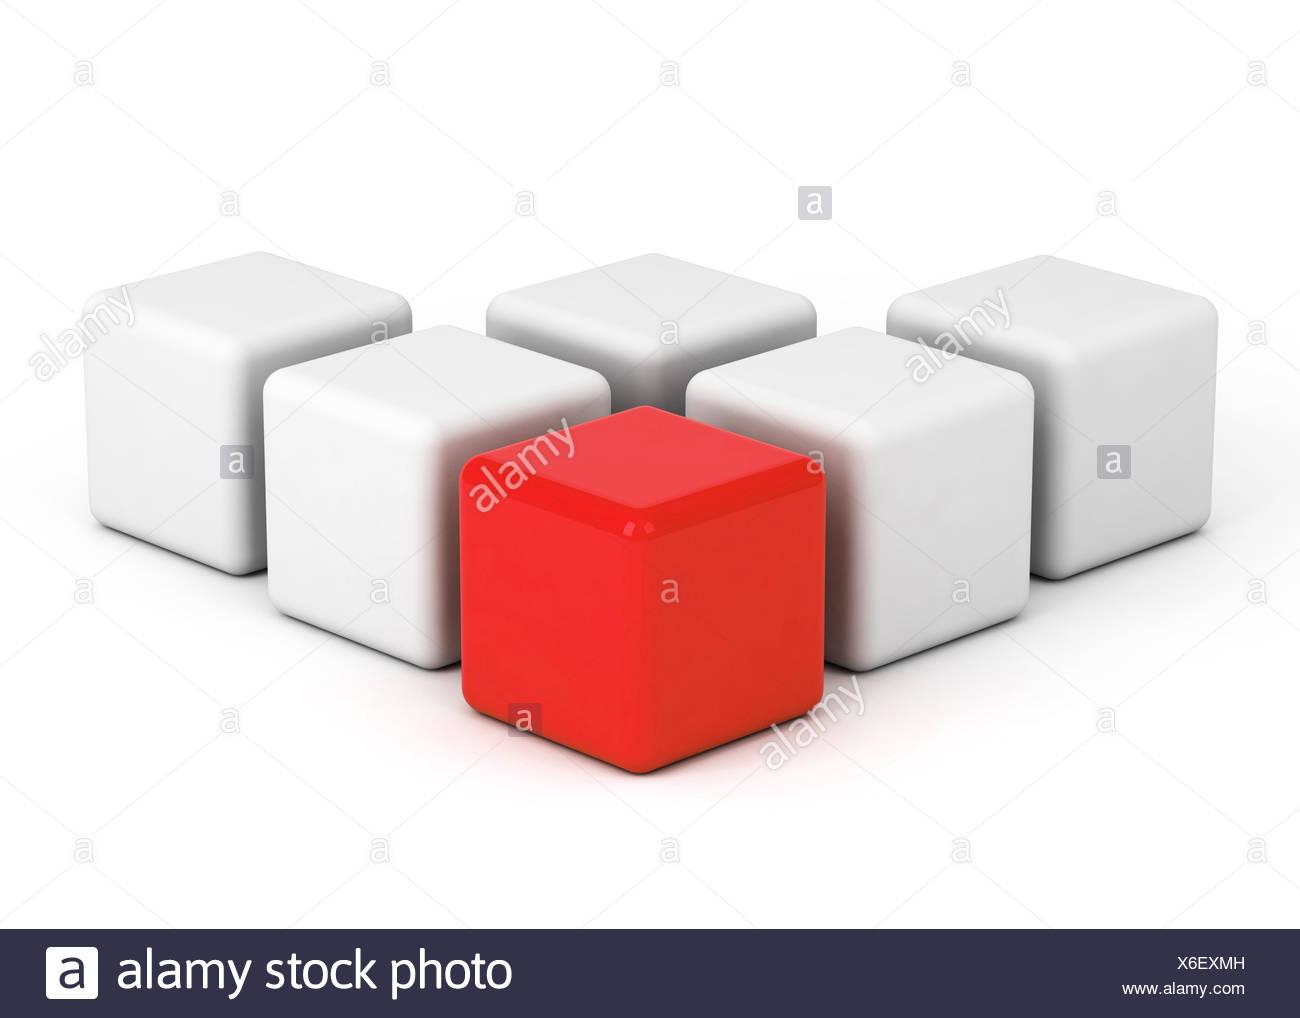 leuchtend rote Box Führung Stockbild